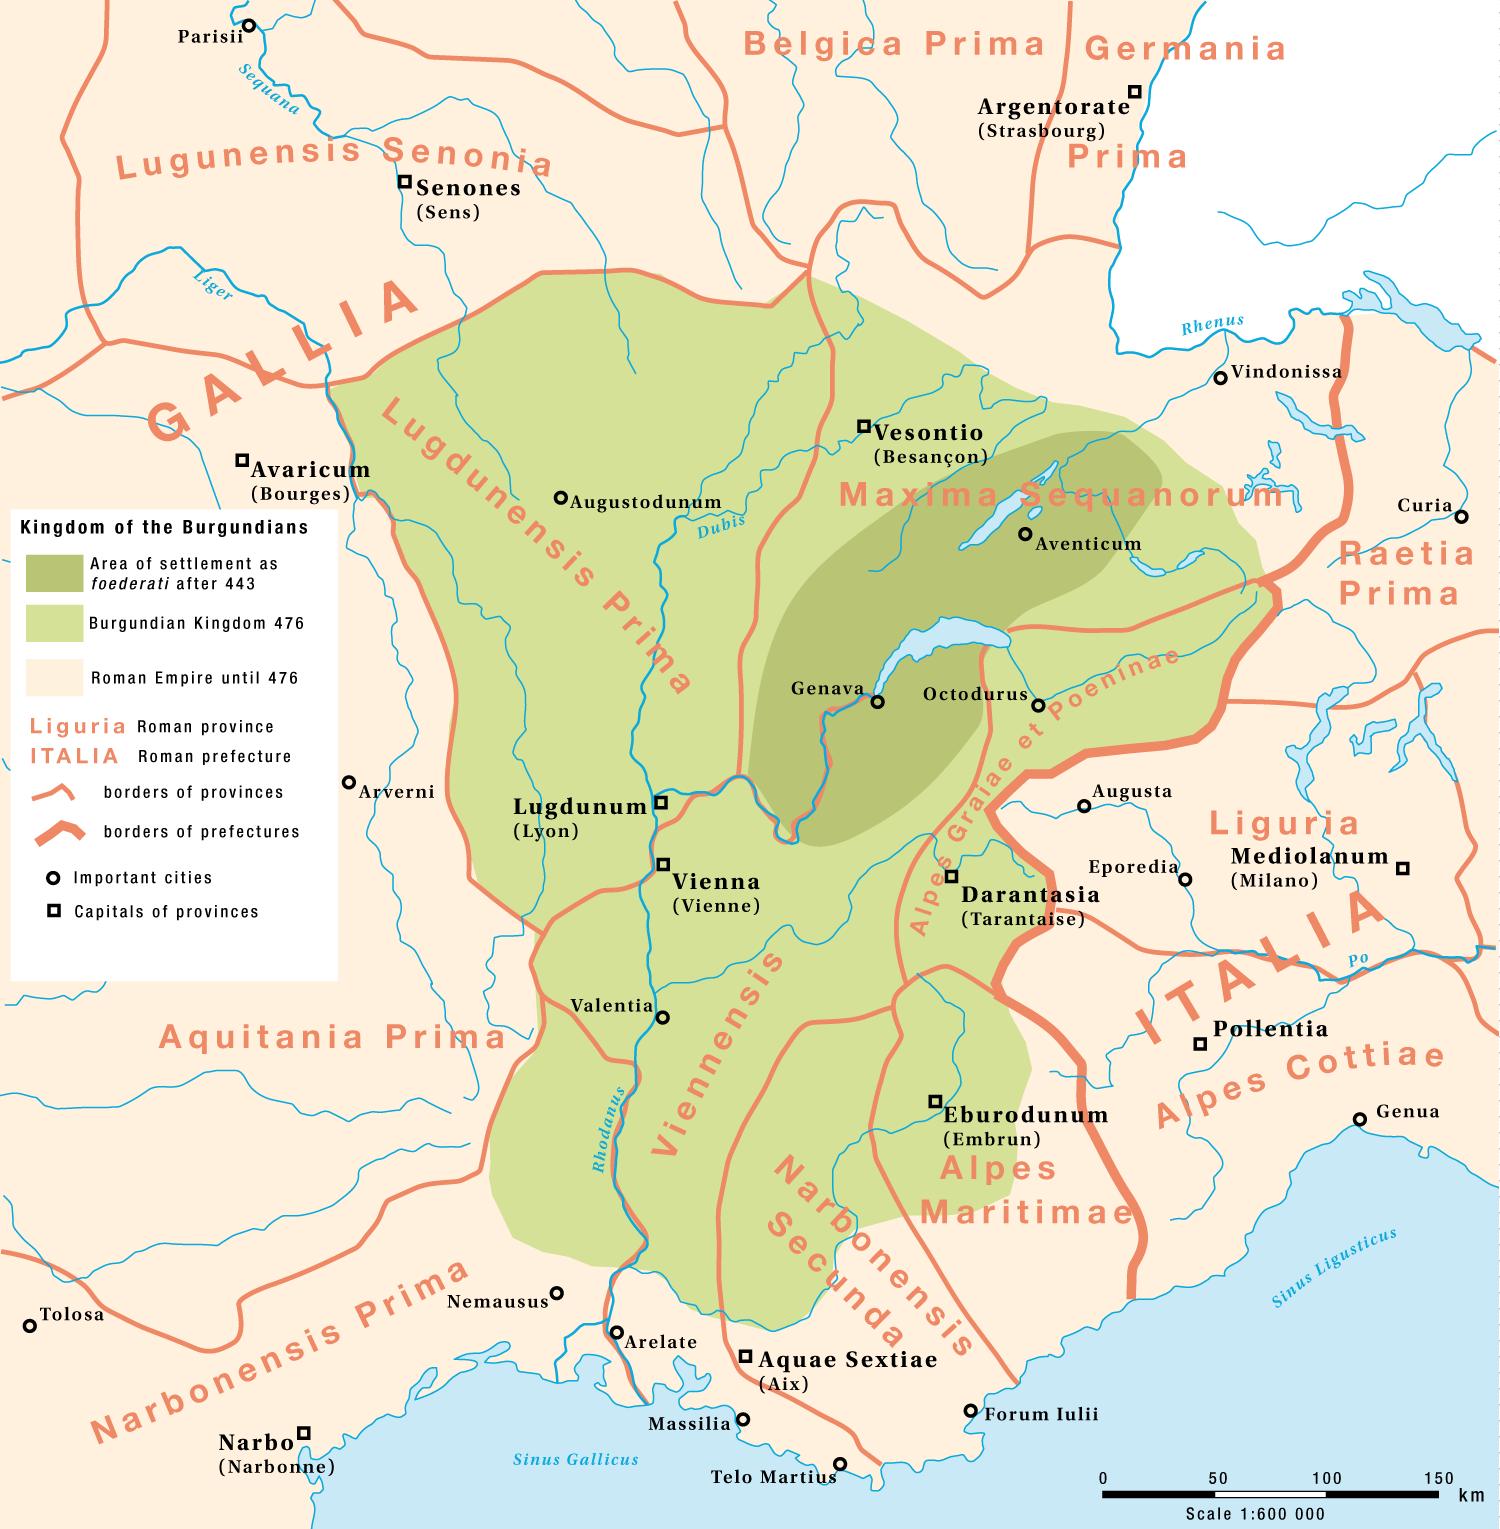 El misterio del Polo Norte. - Página 2 Map_Burgundian_Kingdom_EN